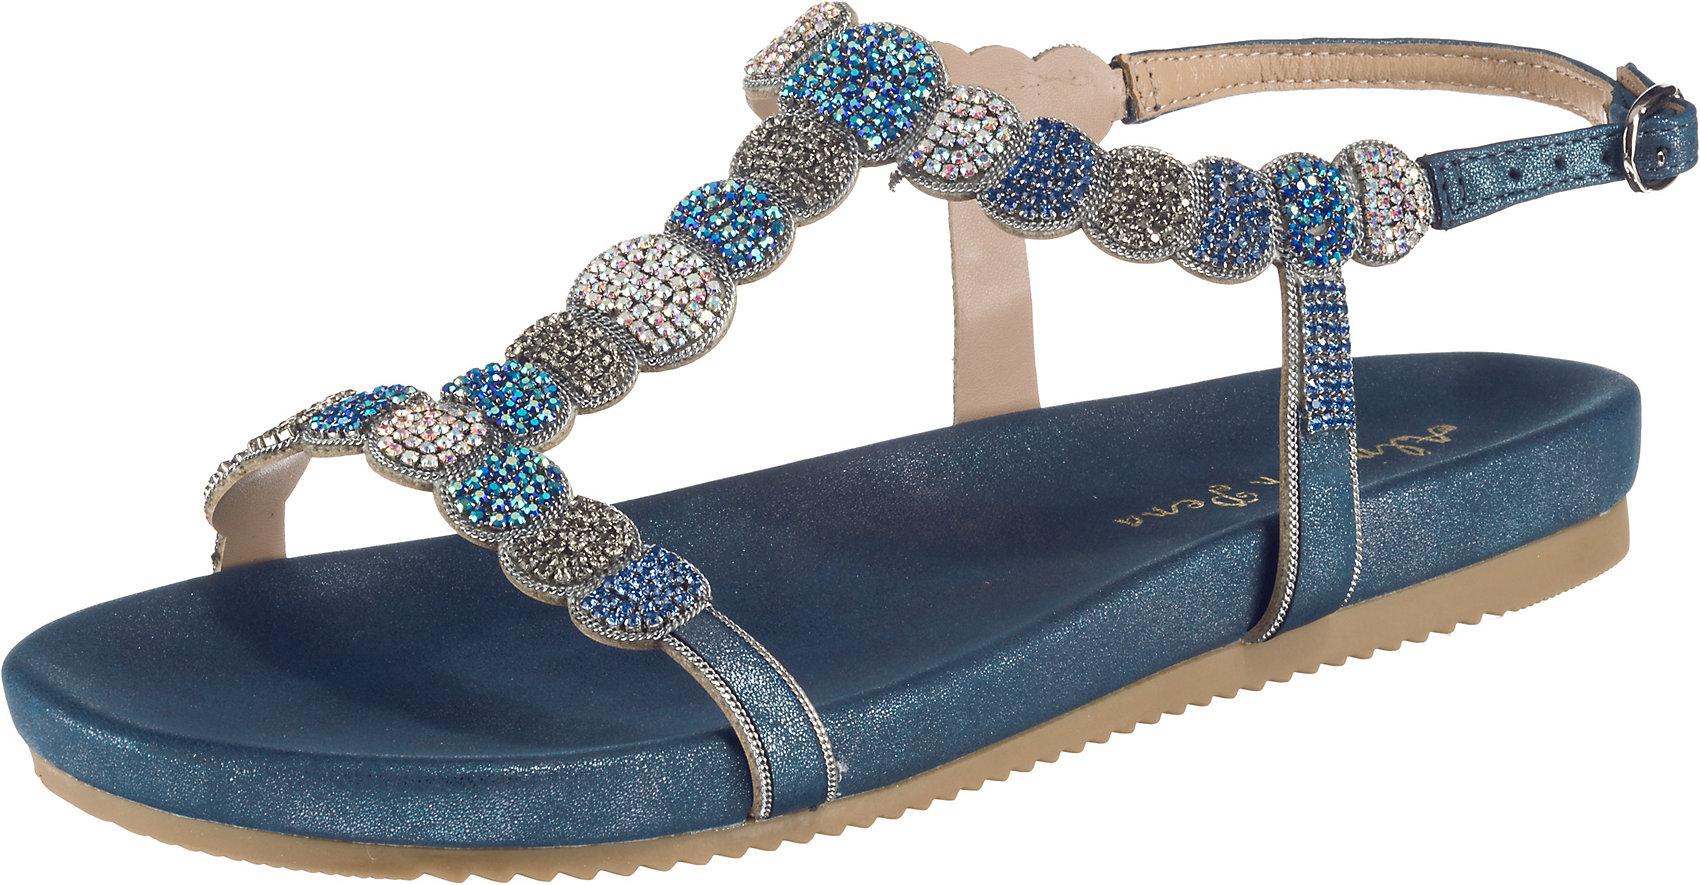 Details zu Neu Alma en Pena Klassische Sandalen 10734080 für Damen dunkelblau rosa